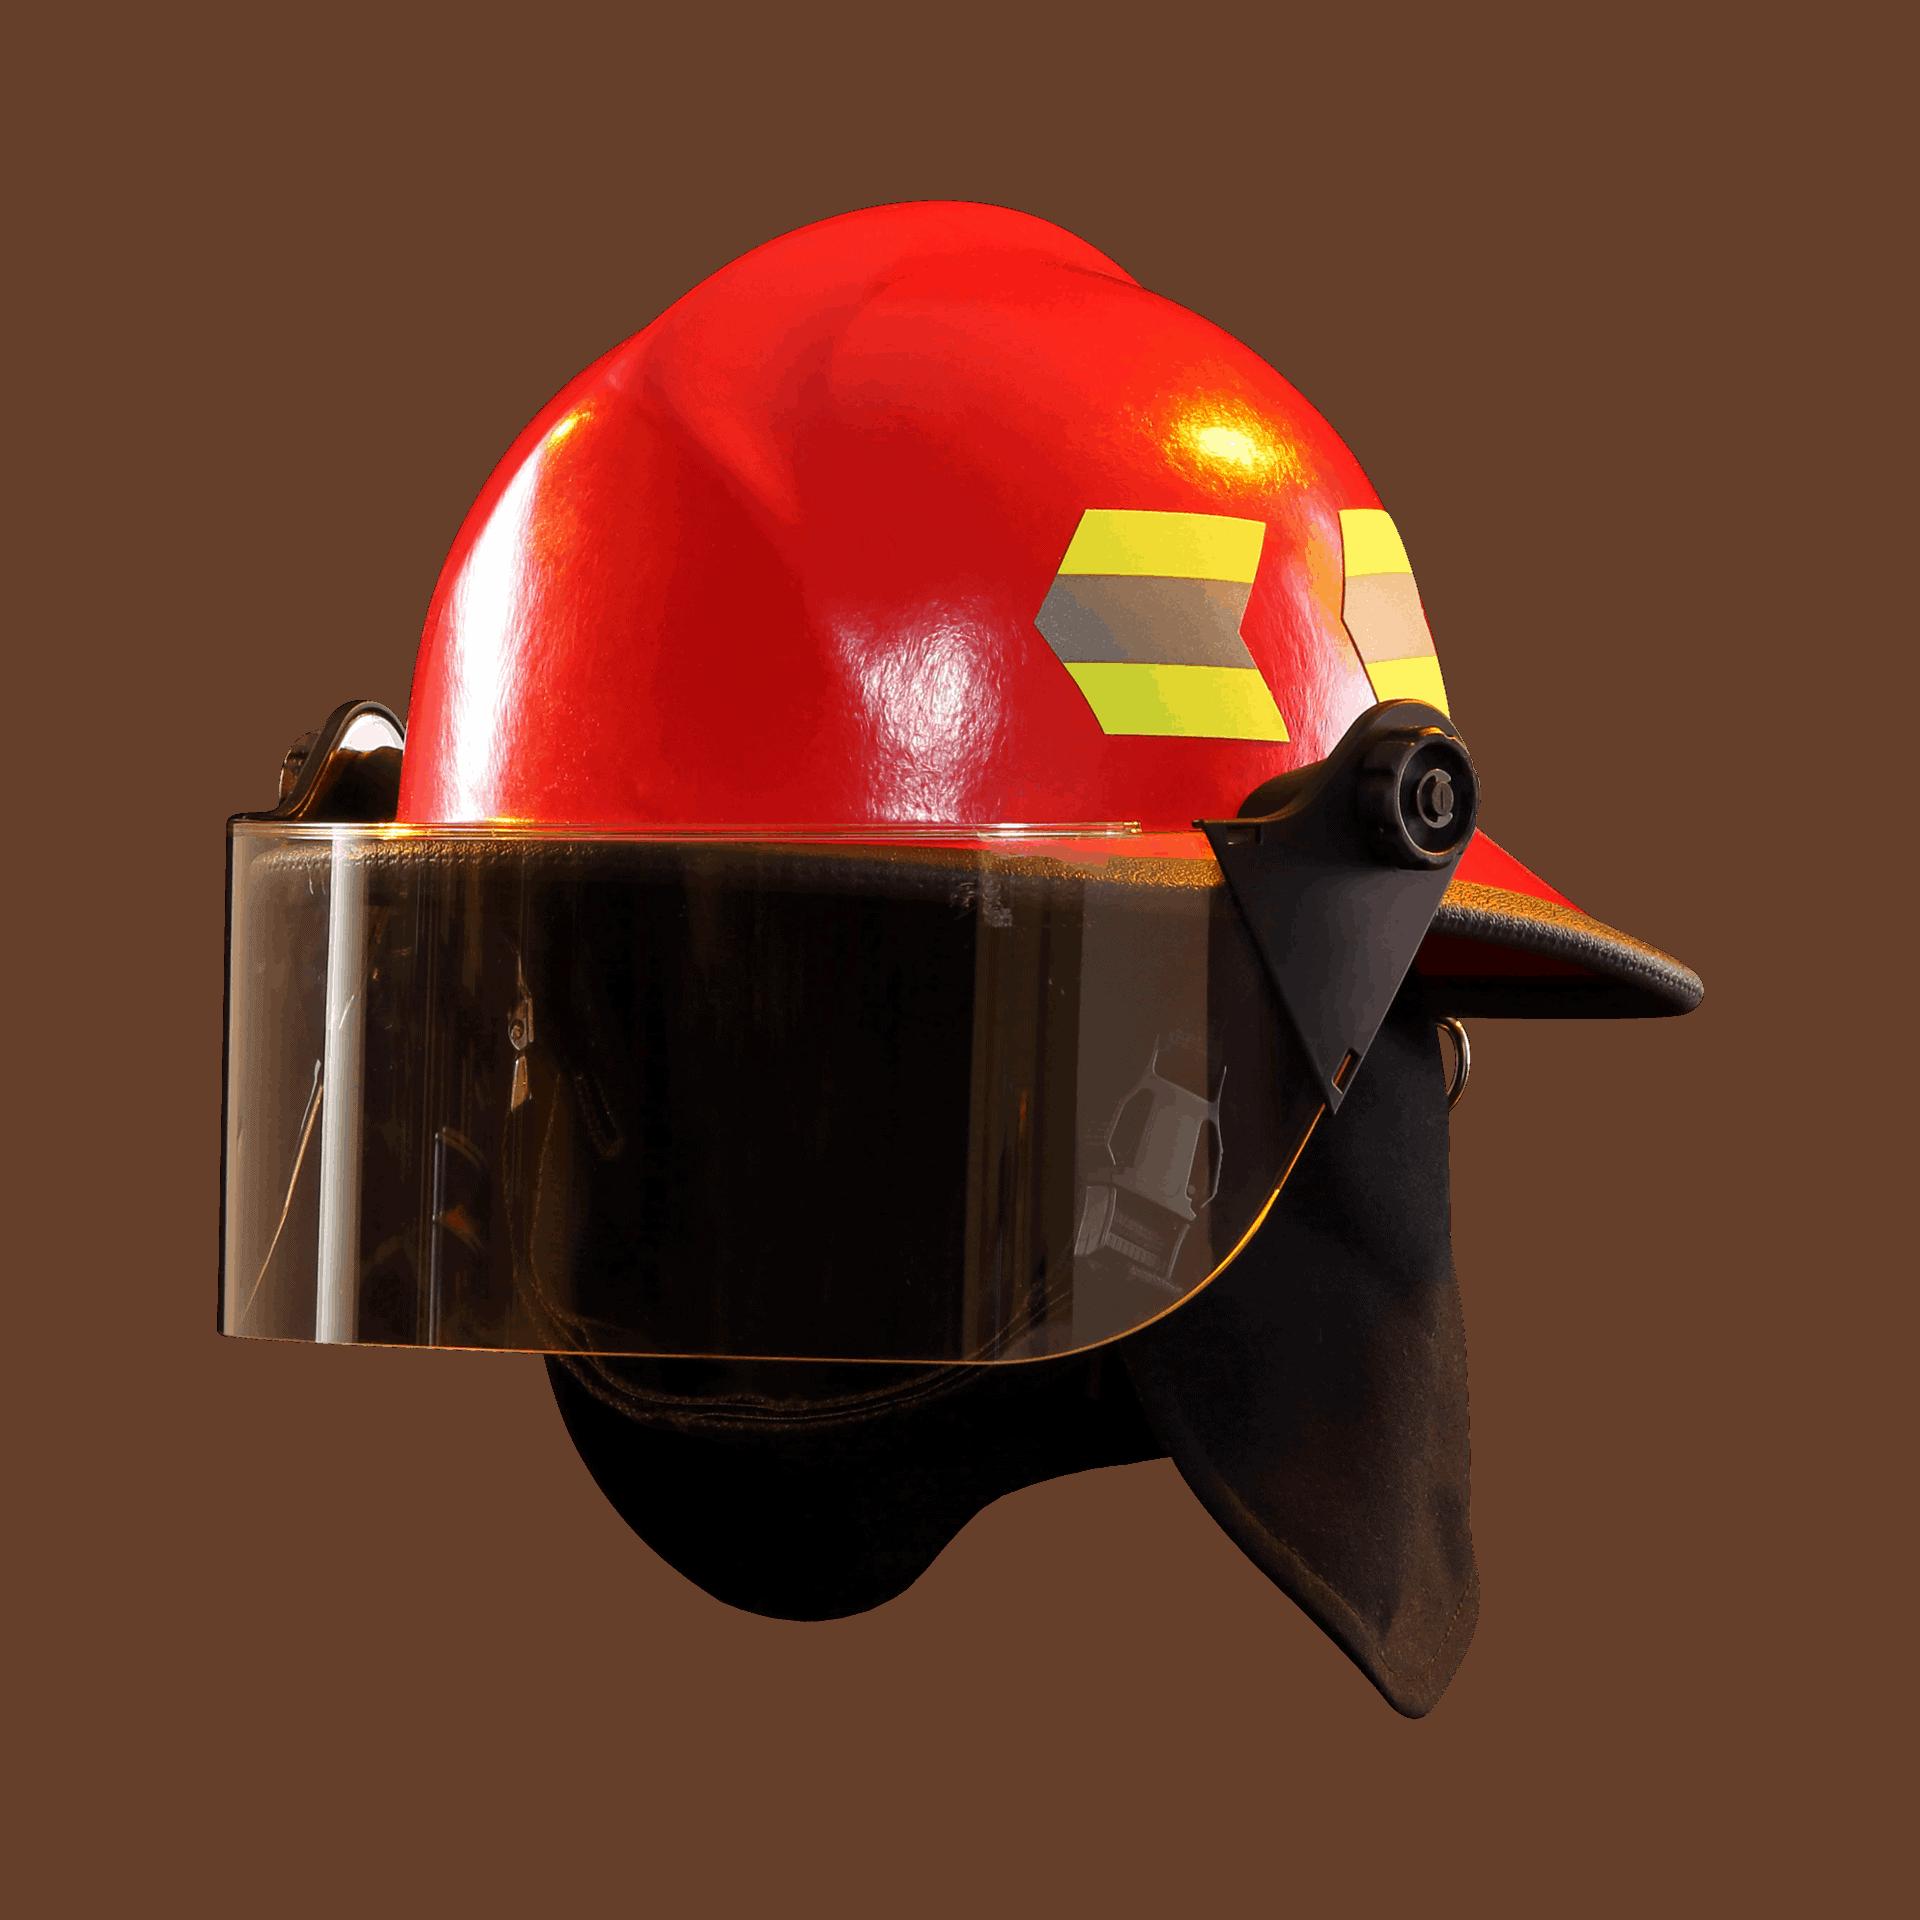 Fire-Dex Modern Helmet with visor